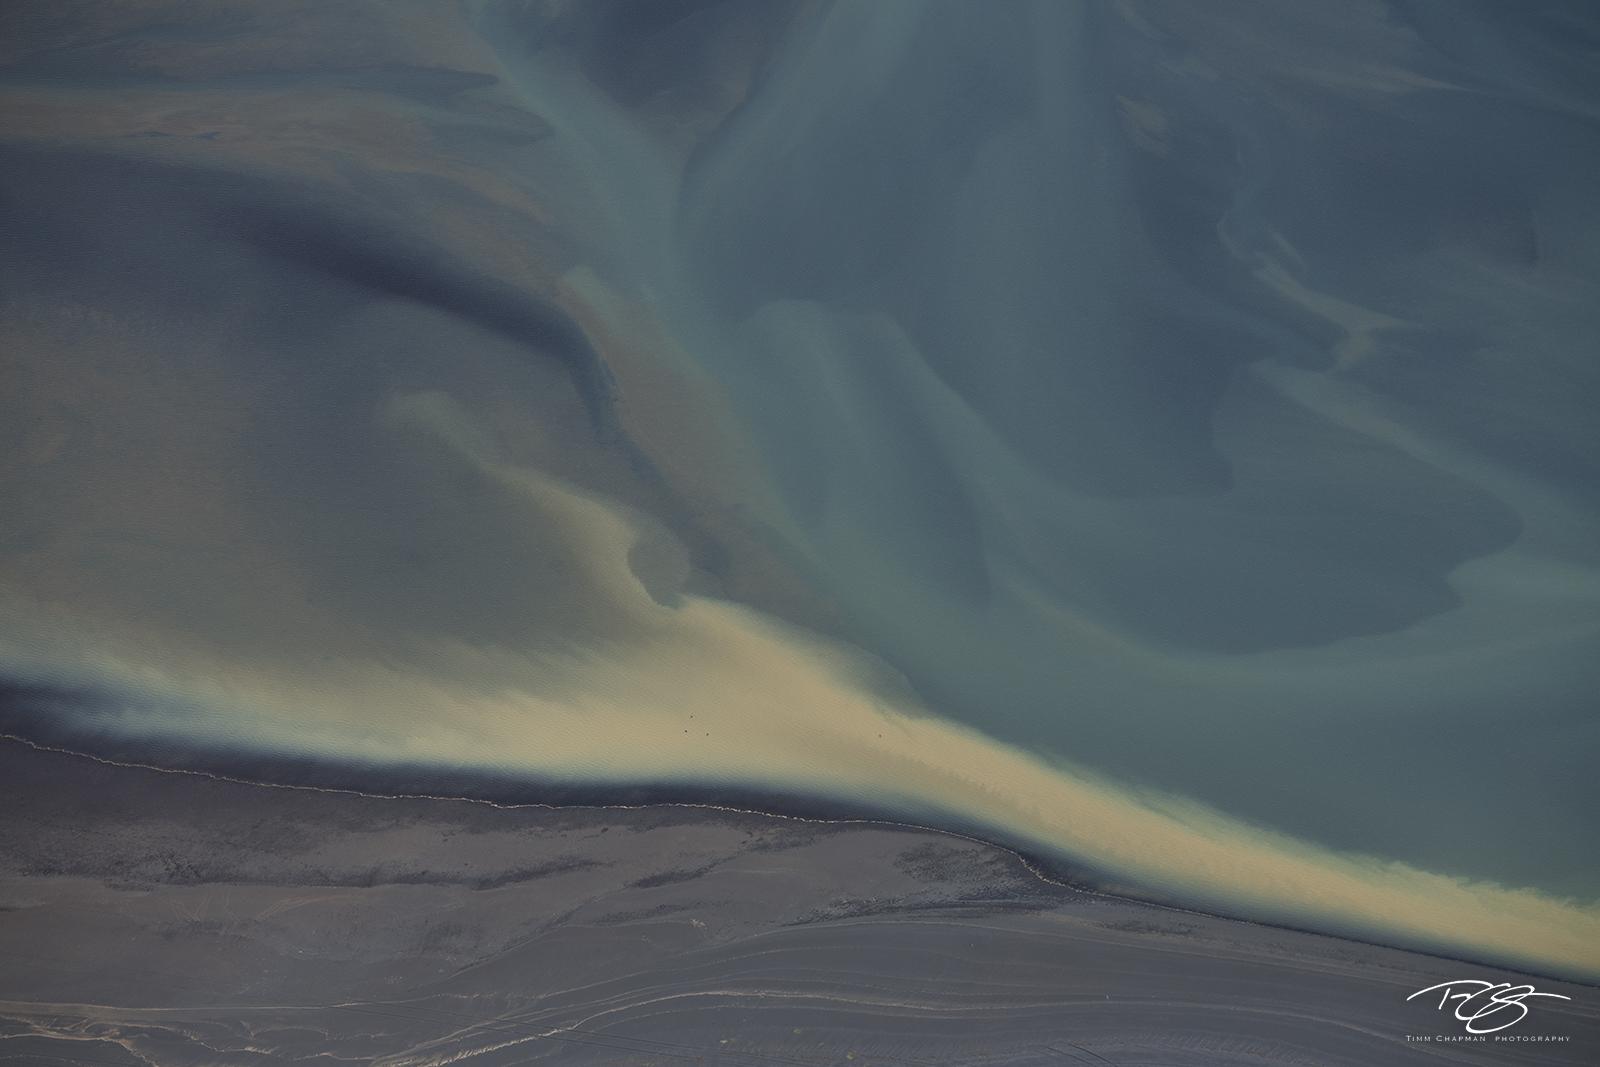 Abstract aerial photograph of Iceland's colourful Þjórsá river